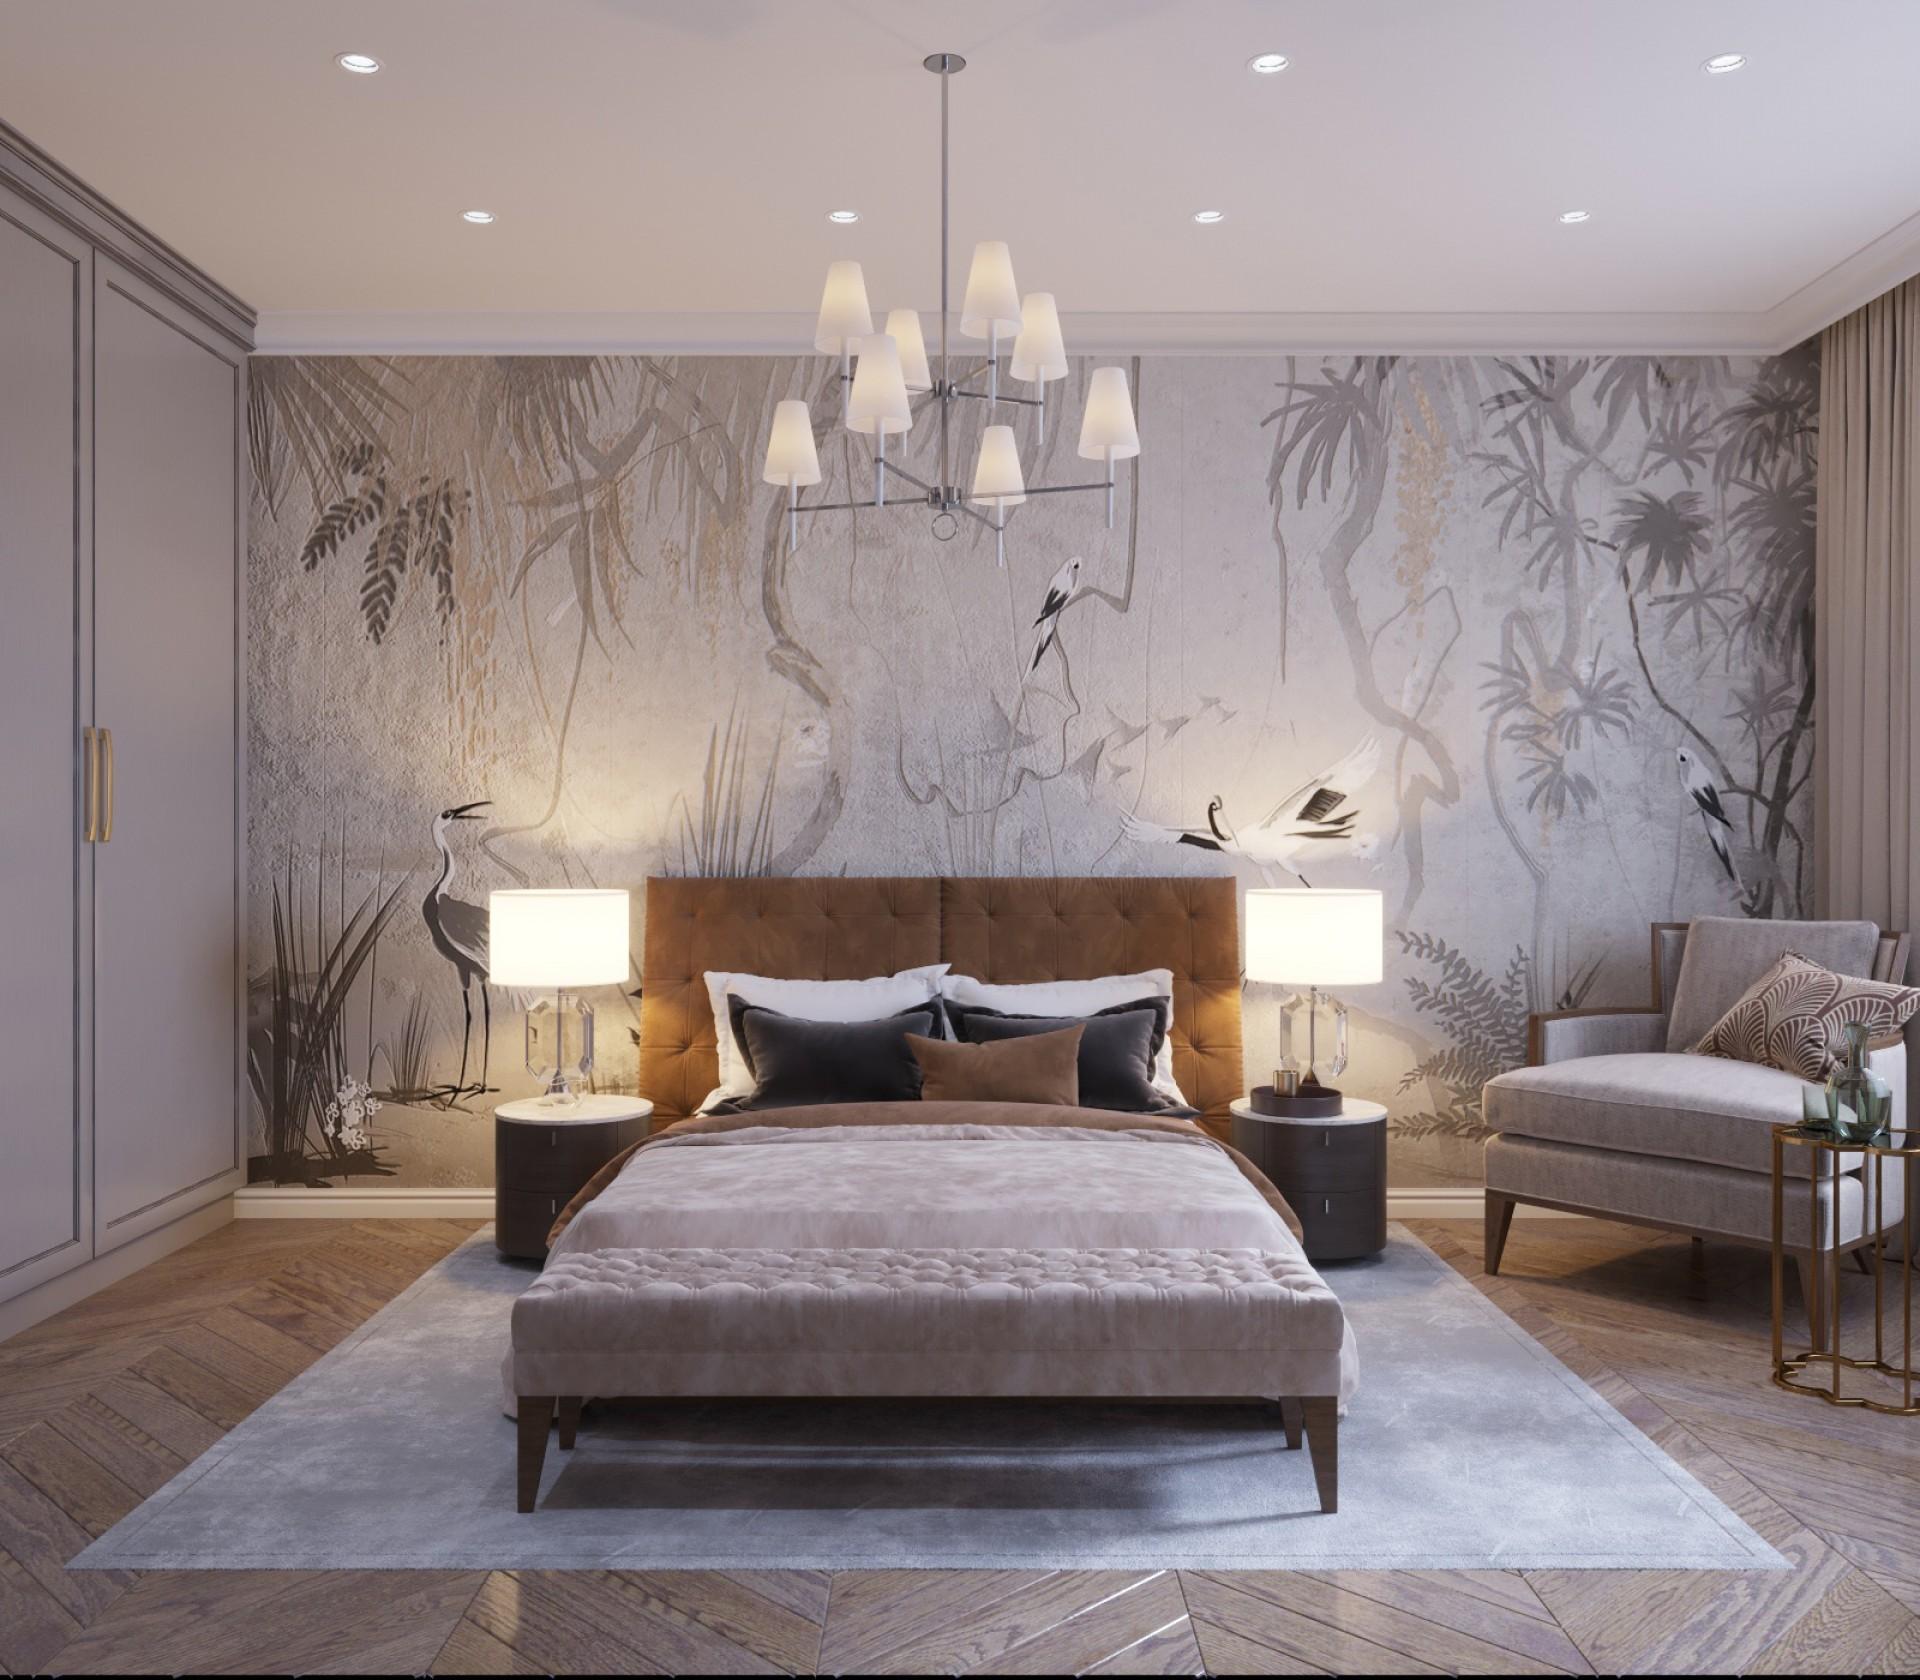 6 трендов в дизайне спальни 2019 года